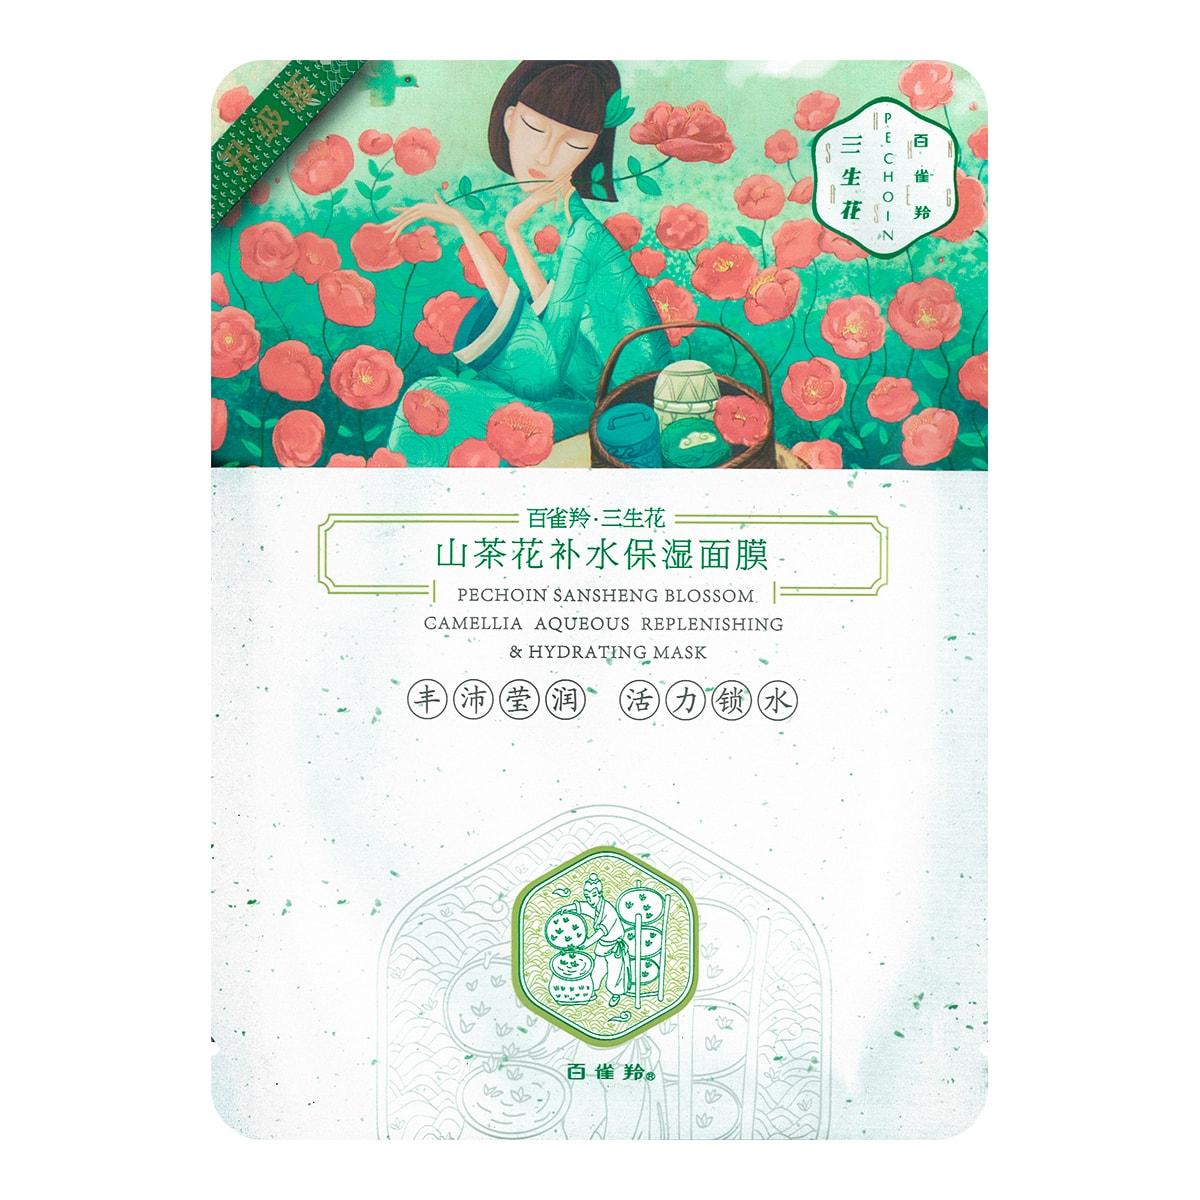 BAIQUELING Sansheng Blossom Camellia Aqueous Replenishing & Hydrating Mask 1pc